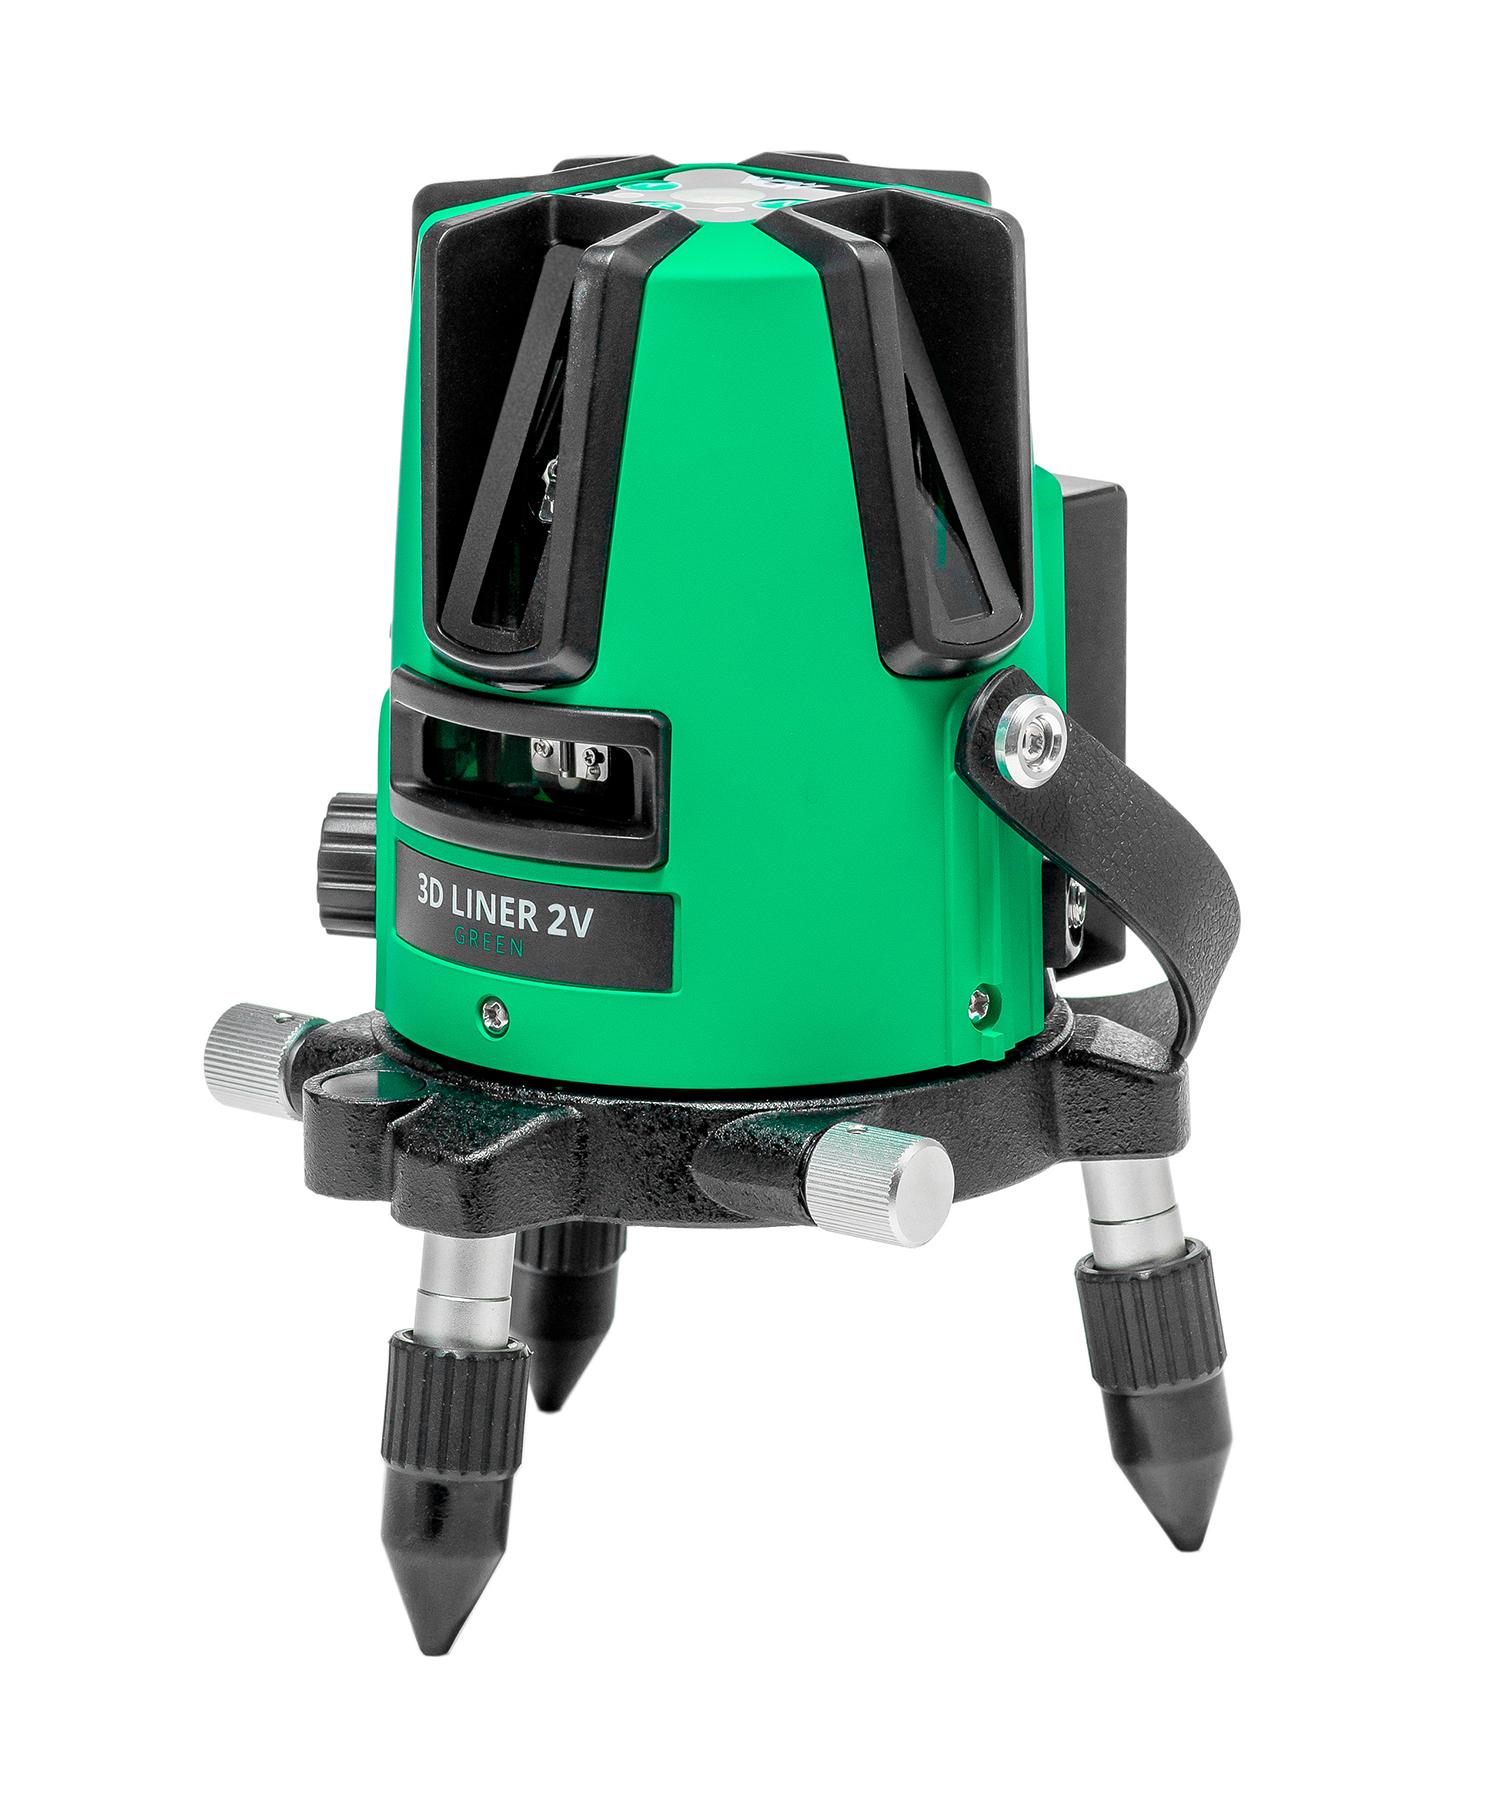 Laser level ADA 3D LINER 2V GREEN